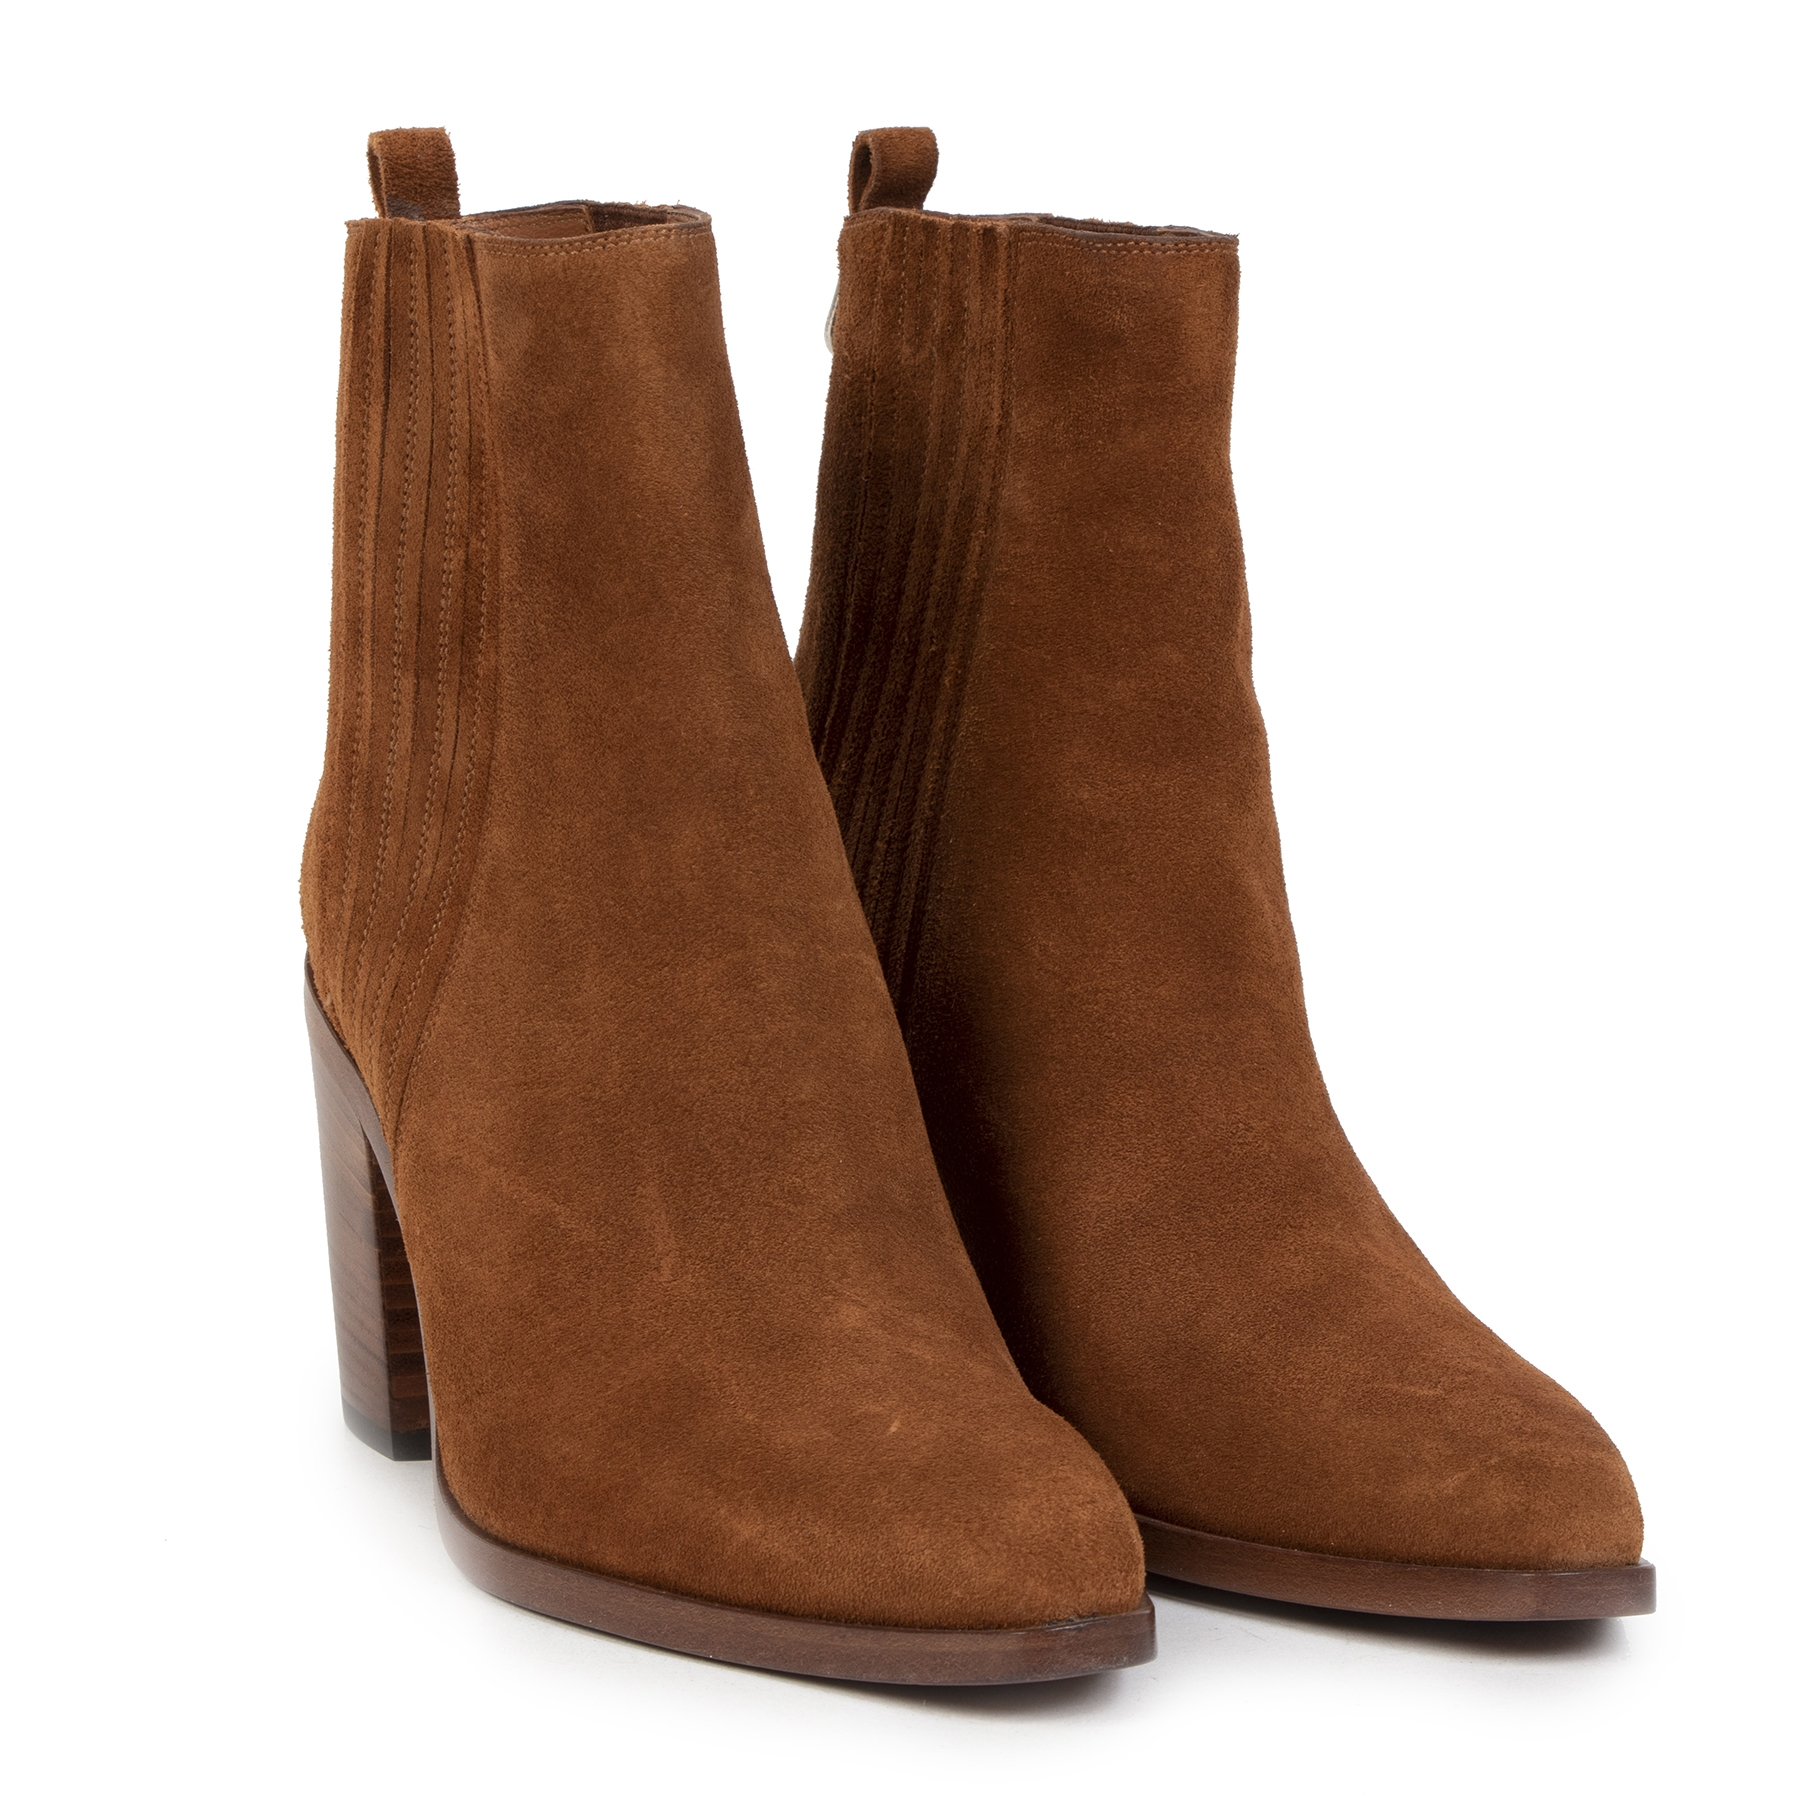 Authentieke Tweedehands Sartore Brown Suede Mid Heel Ankle Boots - Size 39 juiste prijs veilig online shoppen luxe merken webshop winkelen Antwerpen België mode fashion